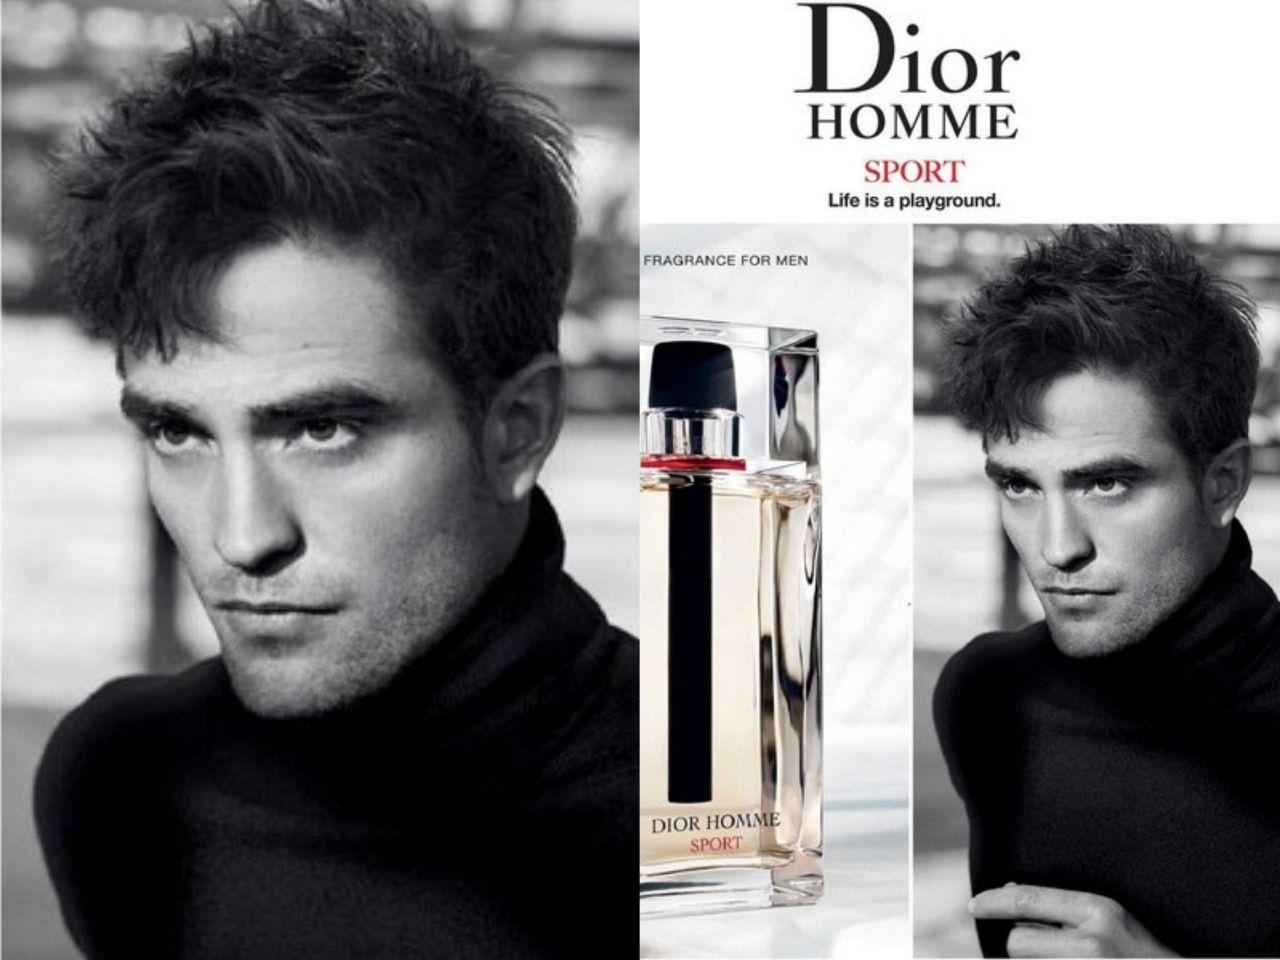 بررسی، مشاهده قیمت و خرید عطر (ادکلن) دیور هوم اسپرت ۲۰۱۷- Dior Homme Sport 2017 اصل